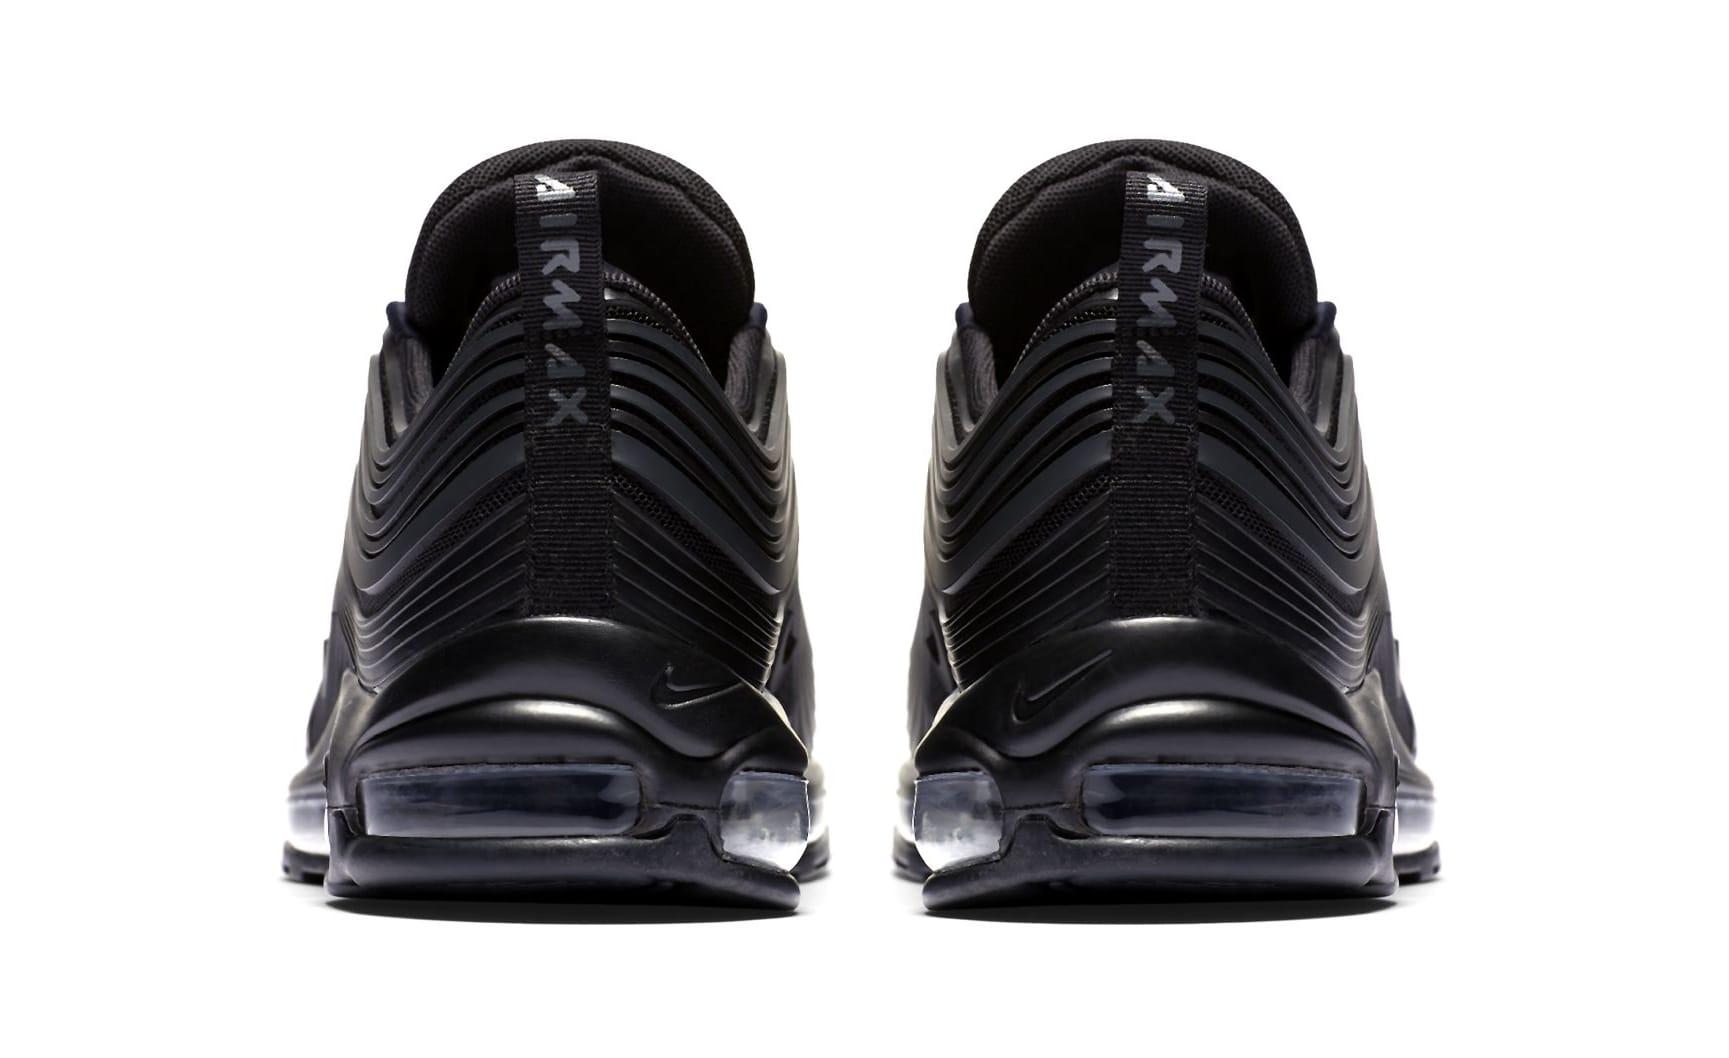 6d099df896 The Nike Air Max 97 鈥淢etallic Gold Sneaker News